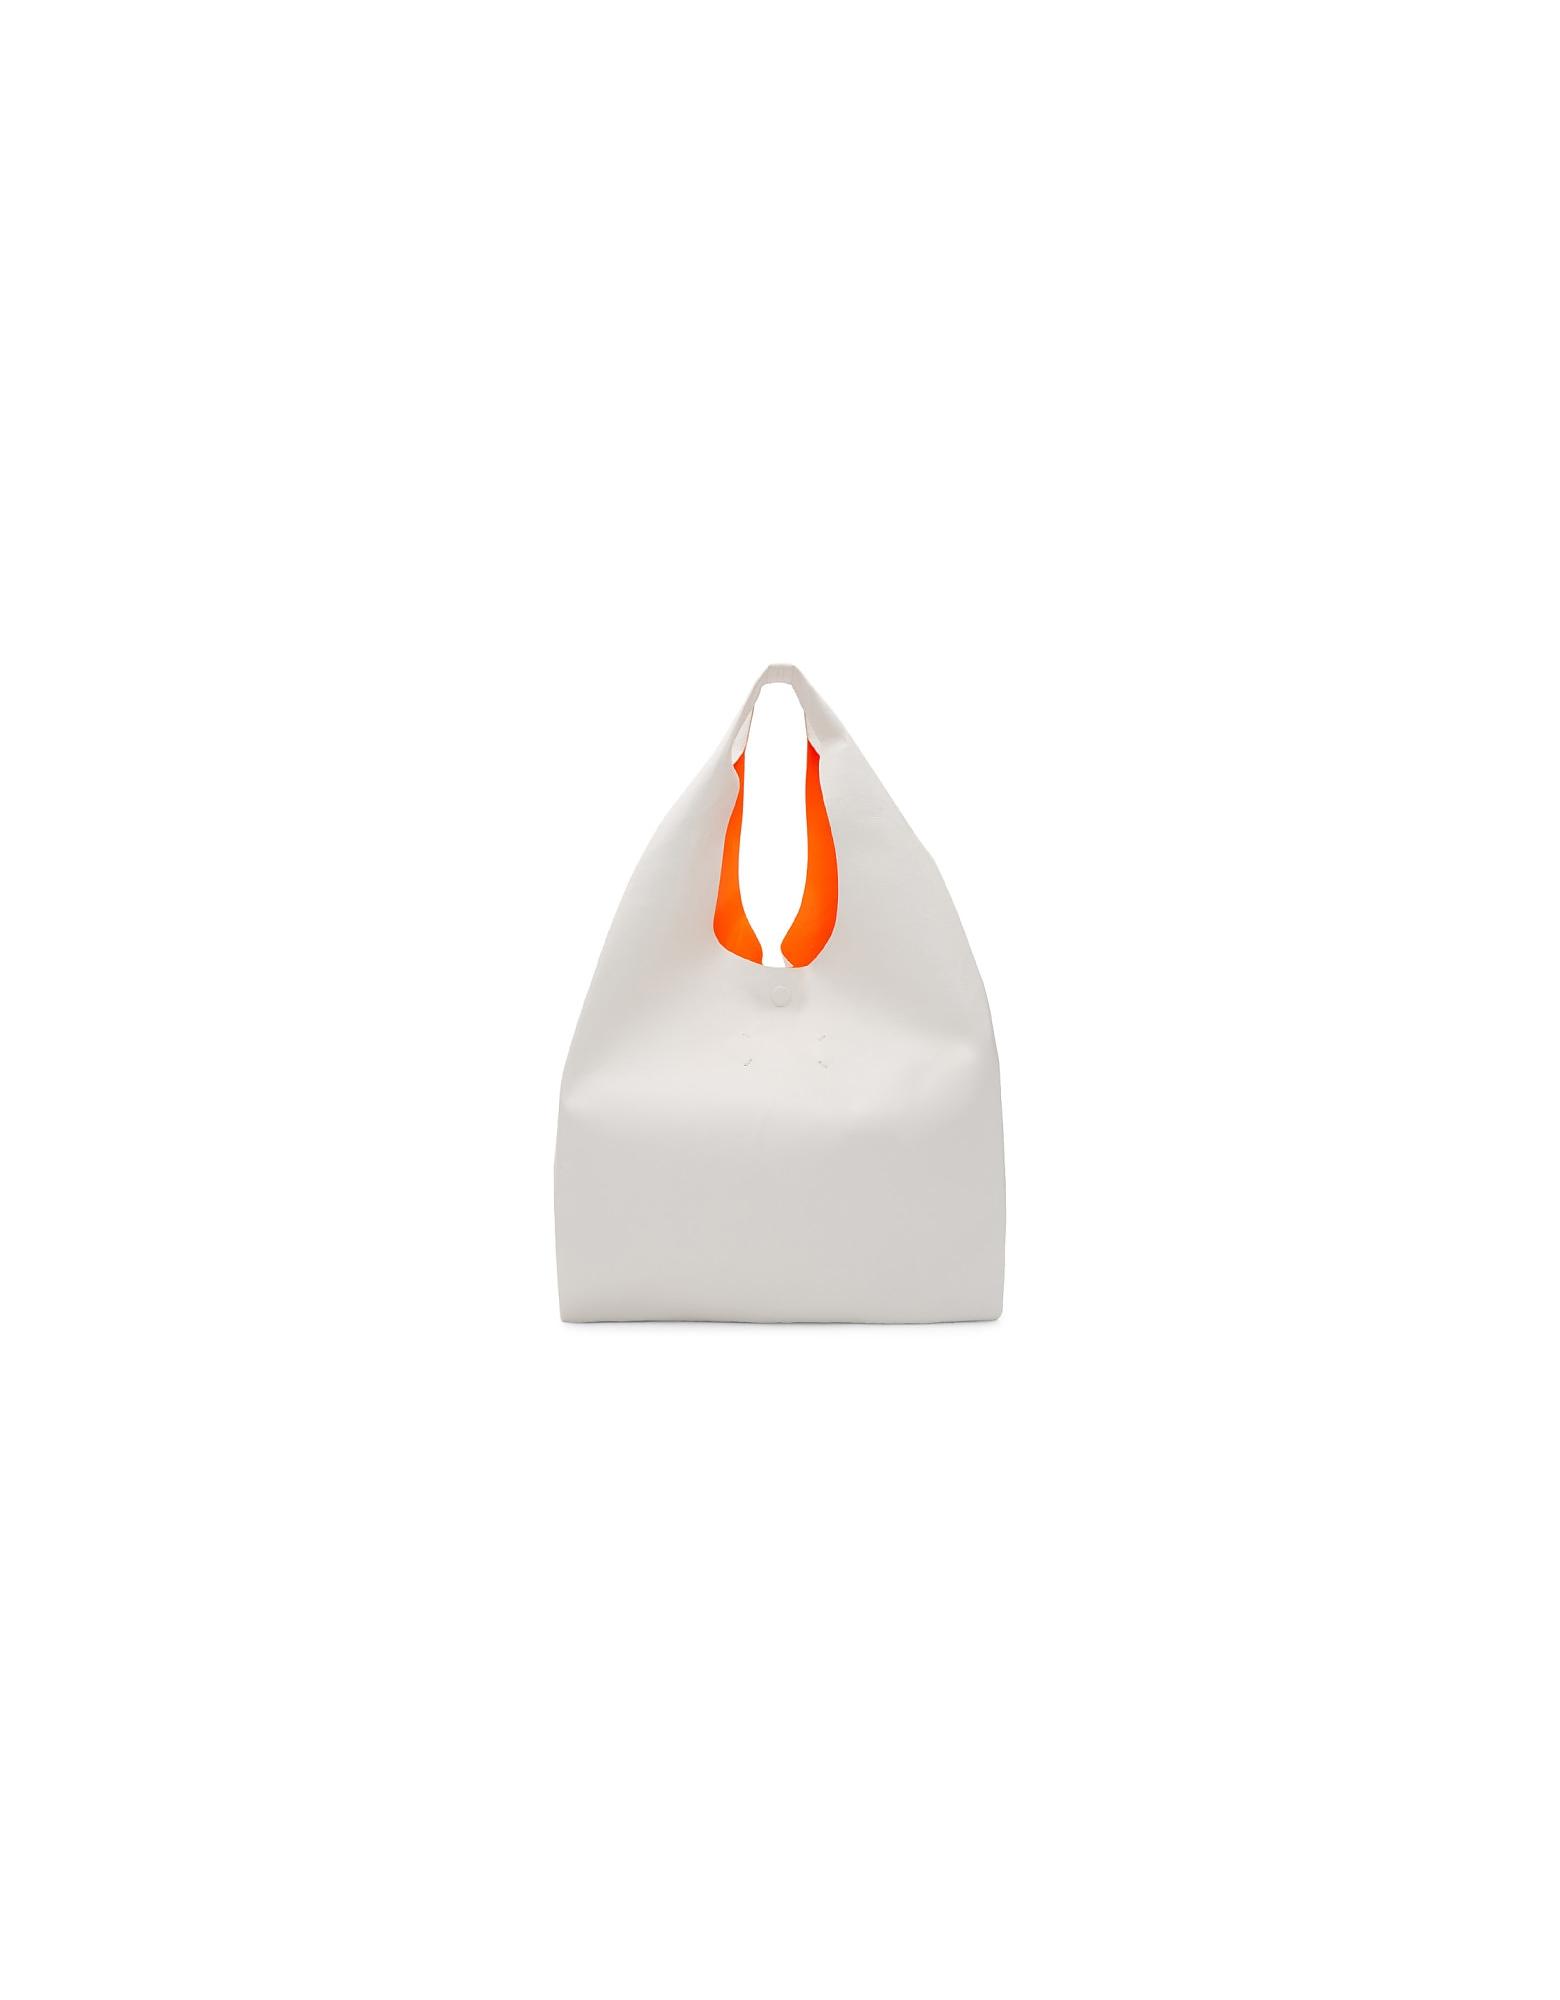 Maison Margiela Designer Handbags, White and Orange Leather Tote